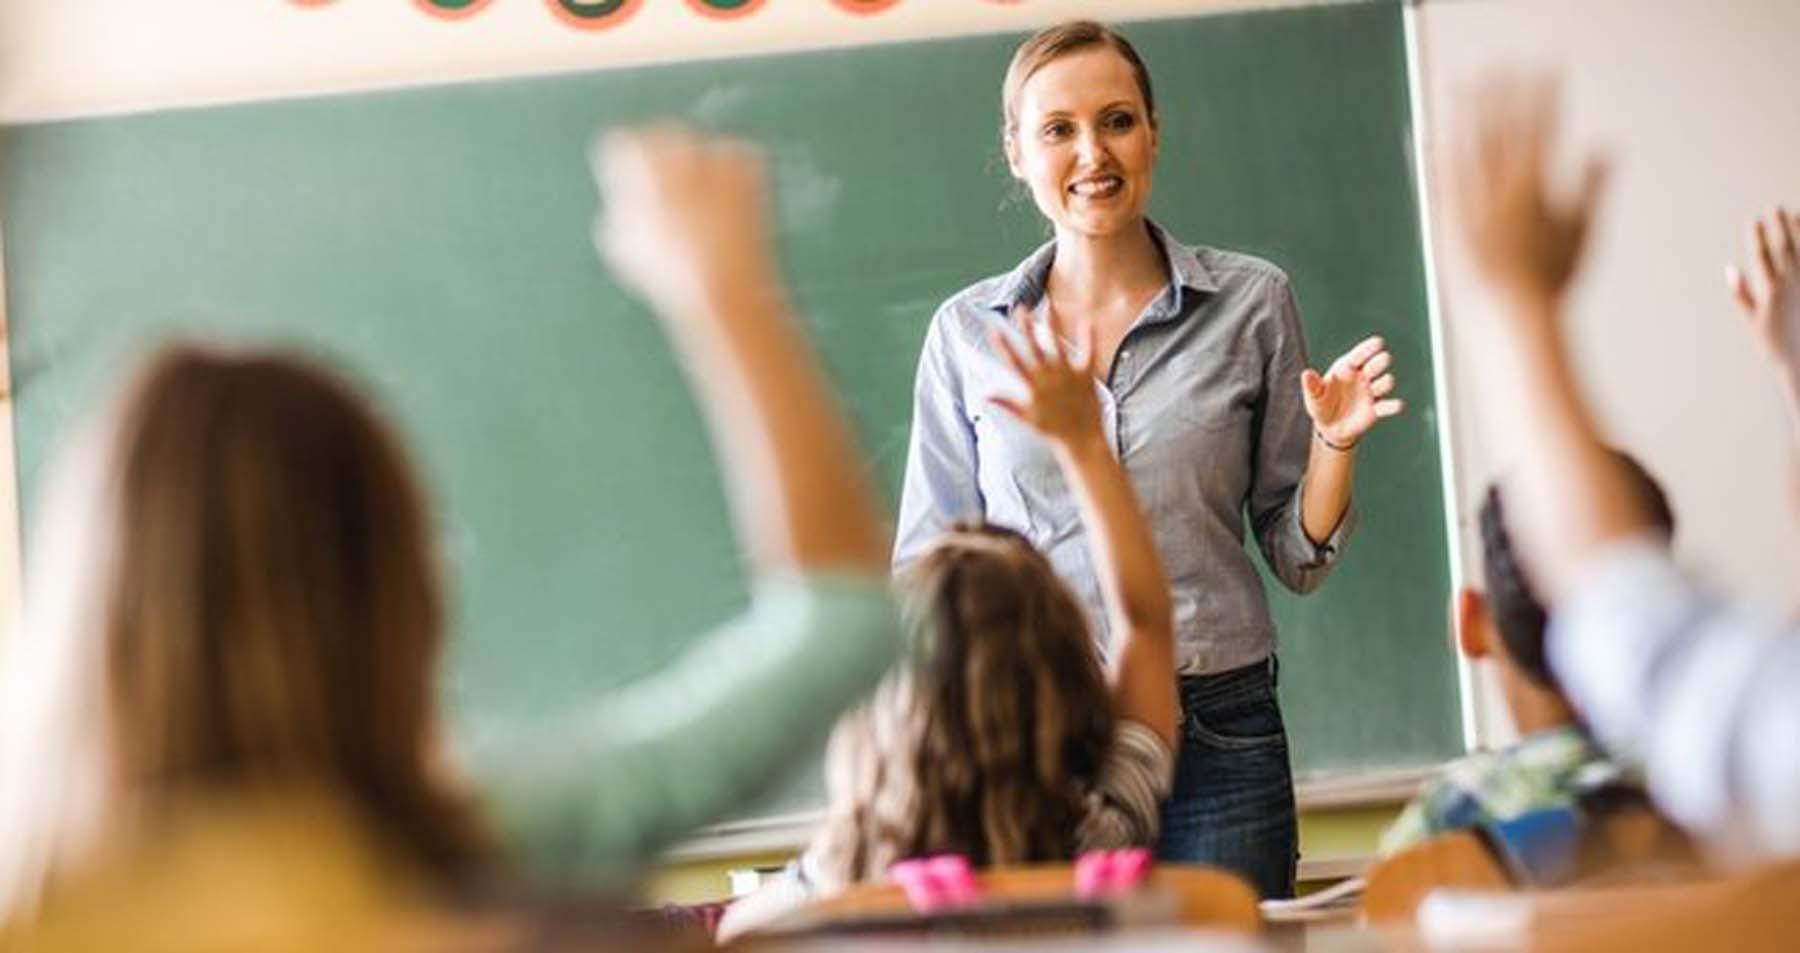 15 bin atama kontenjanları 2021 | 15 bin öğretmen ataması branş dağılımı 2021